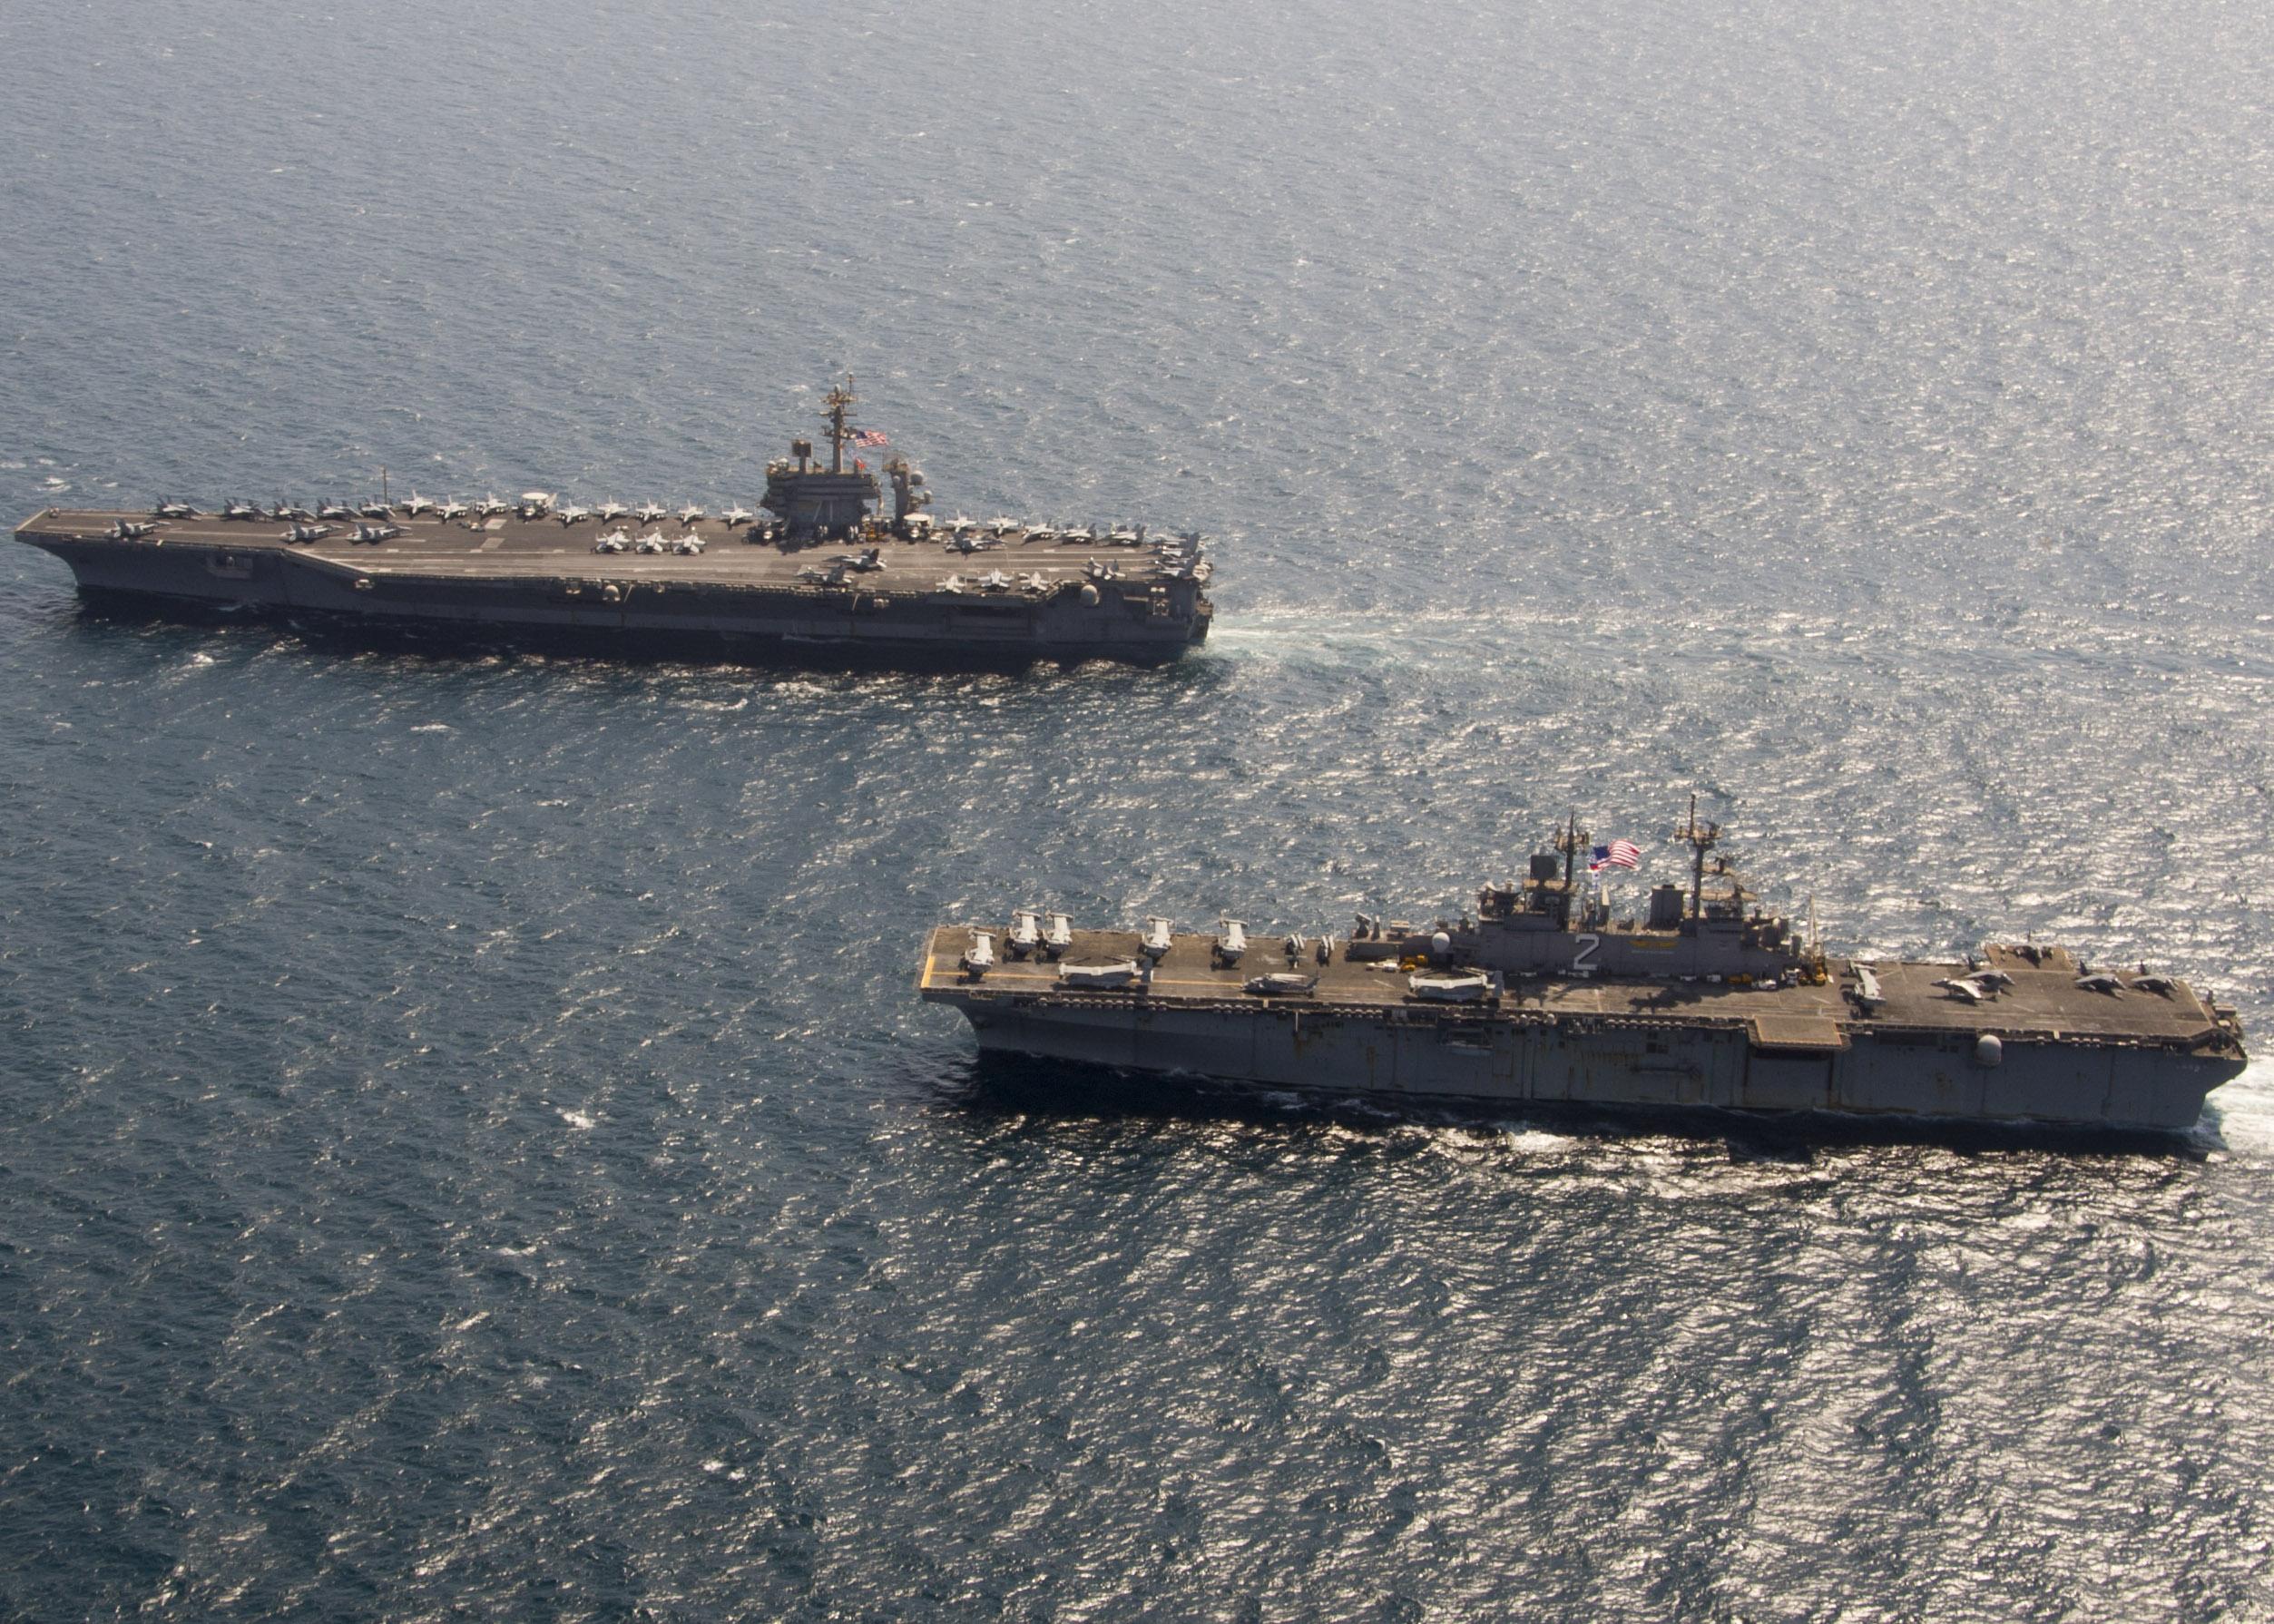 El buque de asalto anfibio de la clase Wasp USS Essex (LHD 2) y el portaaviones USS Theodore Roosevelt (CVN 71), ambos pasó gran parte de 2015 el lanzamiento de aeronaves en apoyo de la Operación Resolver inherente.  Foto de la marina de Estados Unidos.